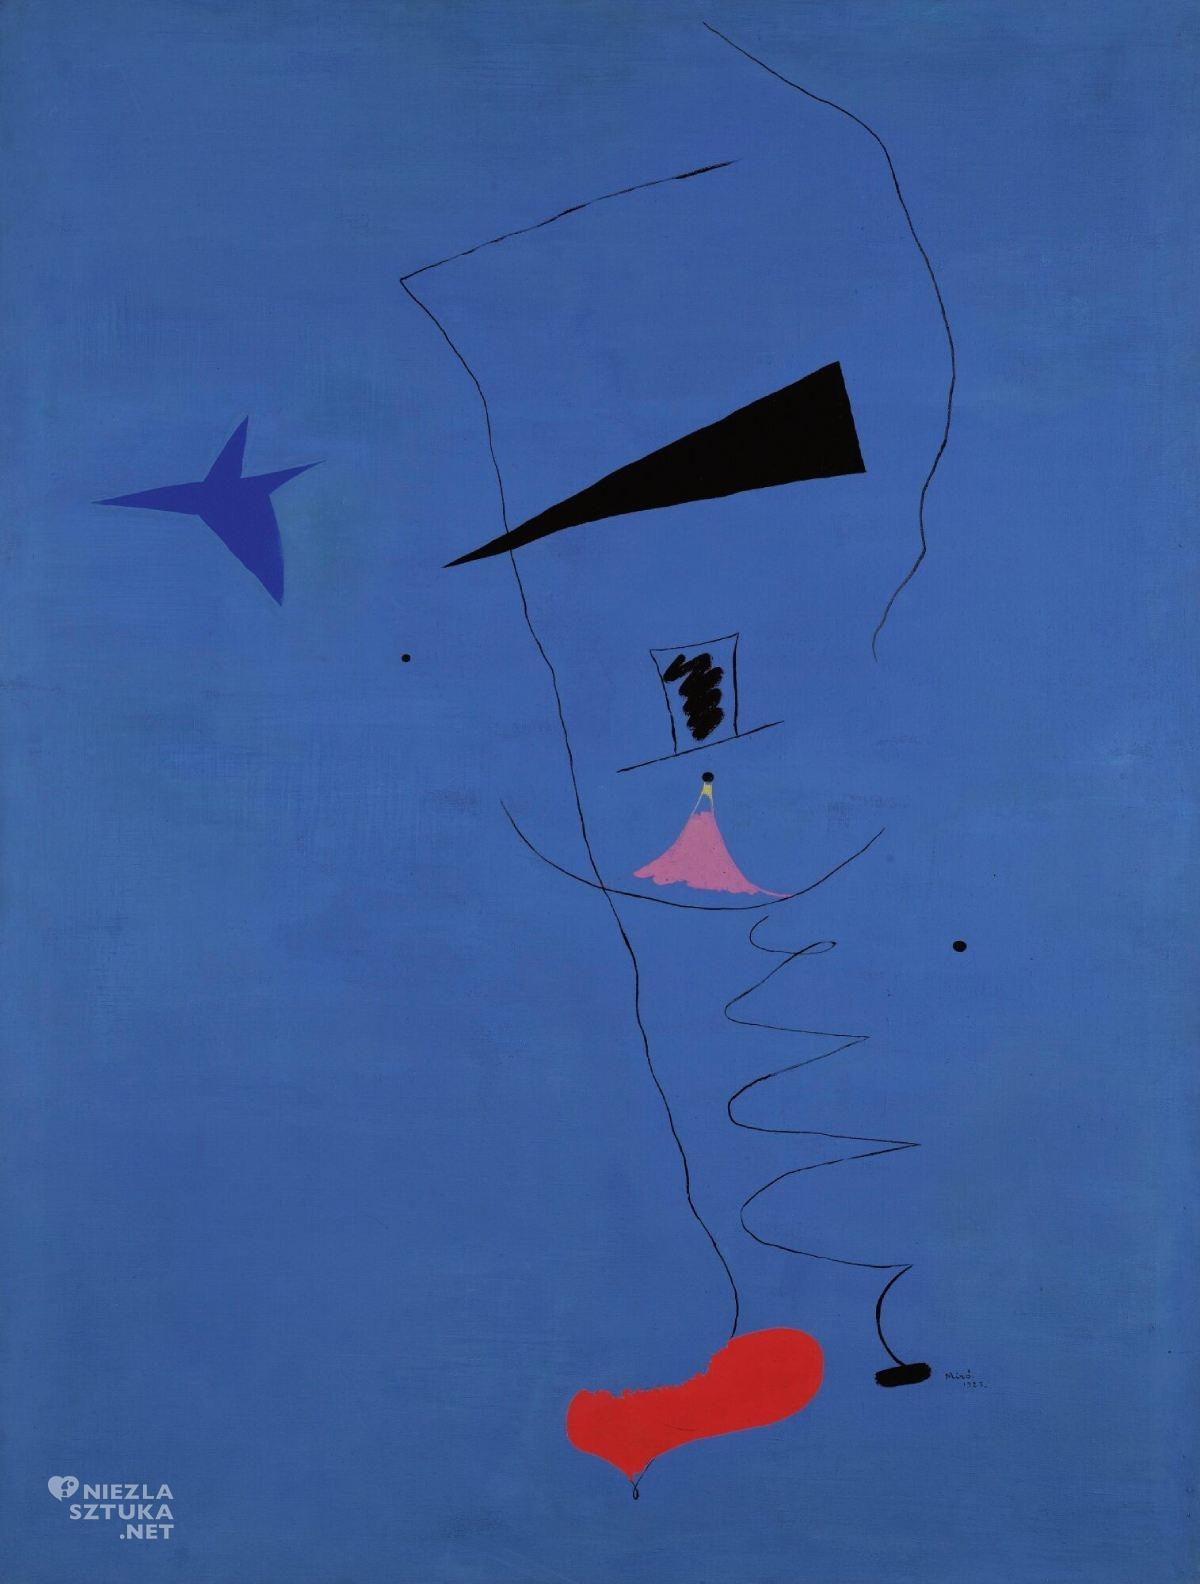 Joan Miró, L'Etoile Bleue, sztuka współczesna, Niezła Sztuka